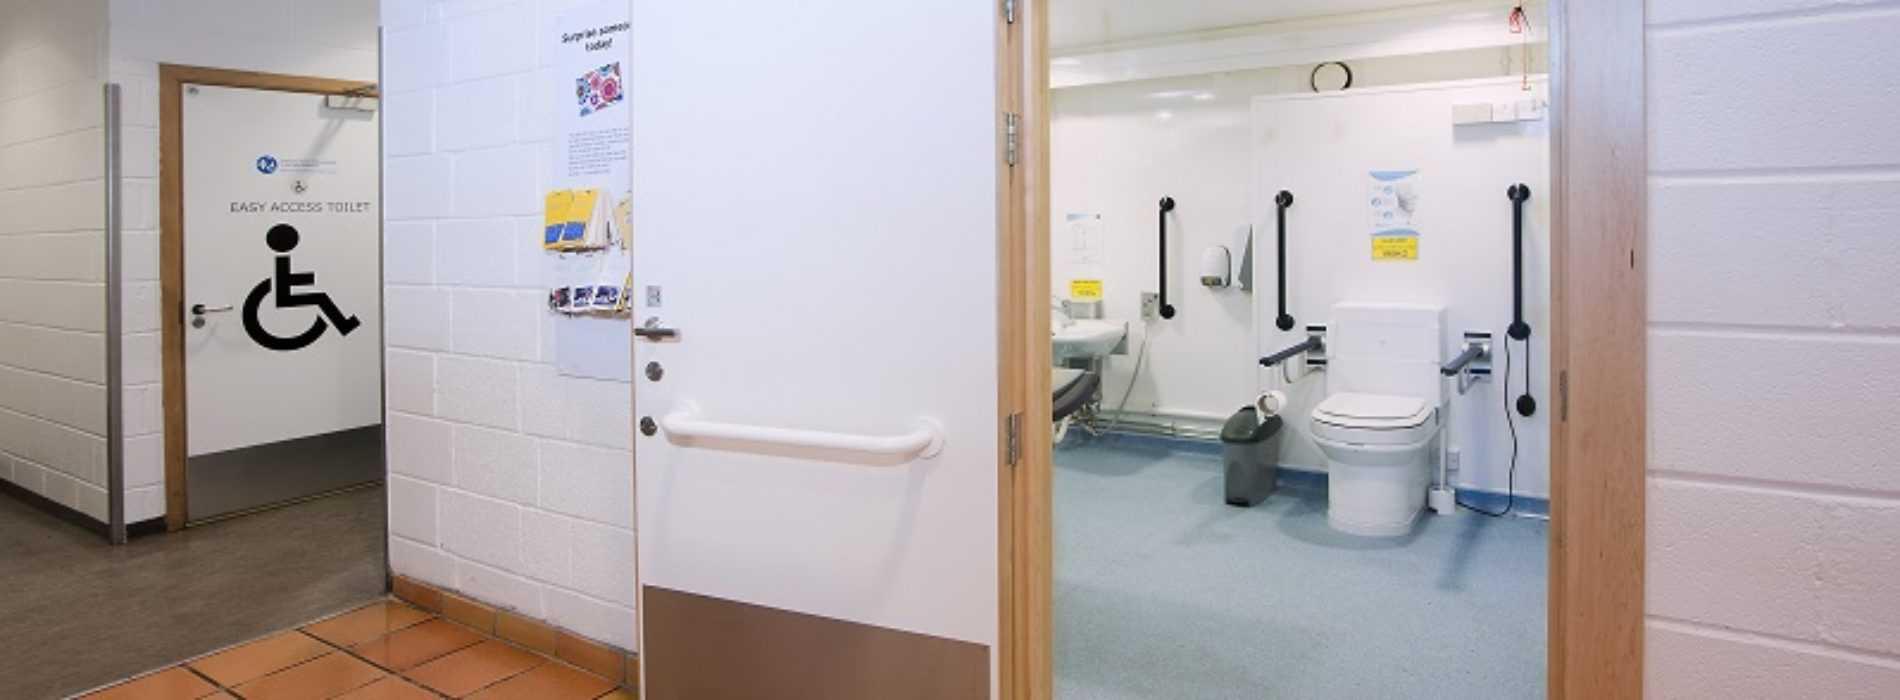 fasilitas ramah difabel - toilet umum khusus penyandang difabel